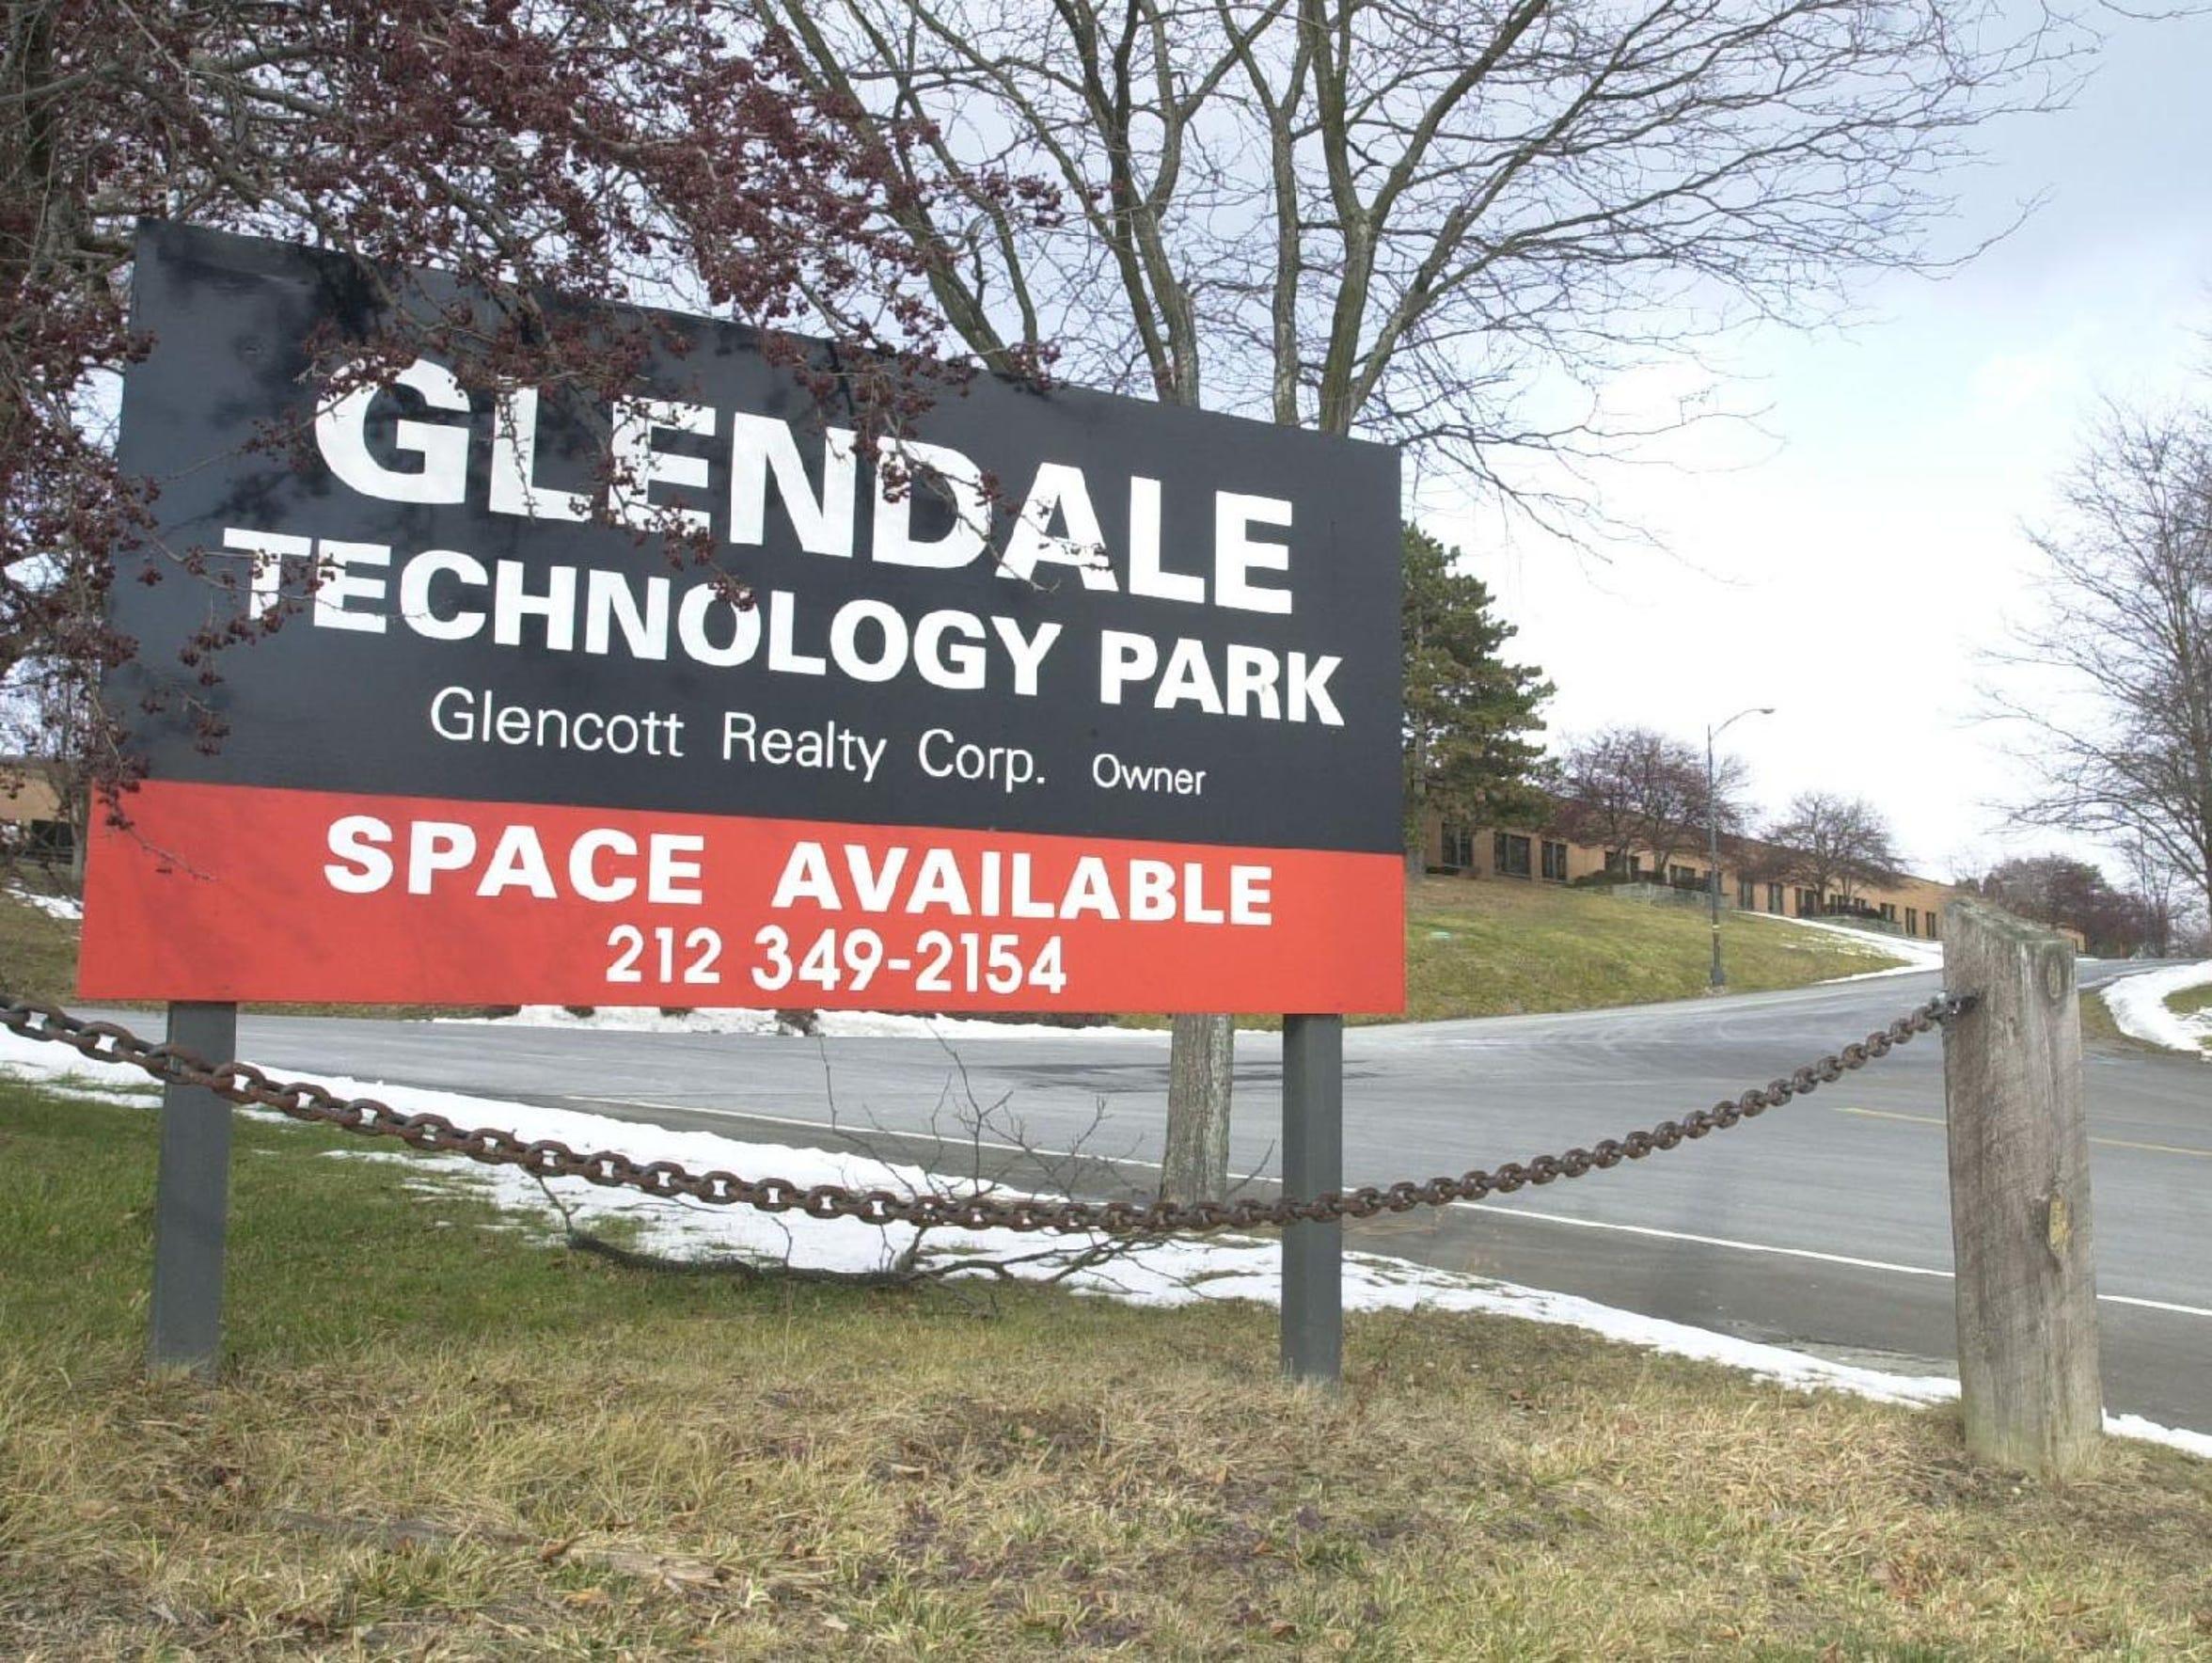 The former IBM Glendale Technology Park near Endicott,